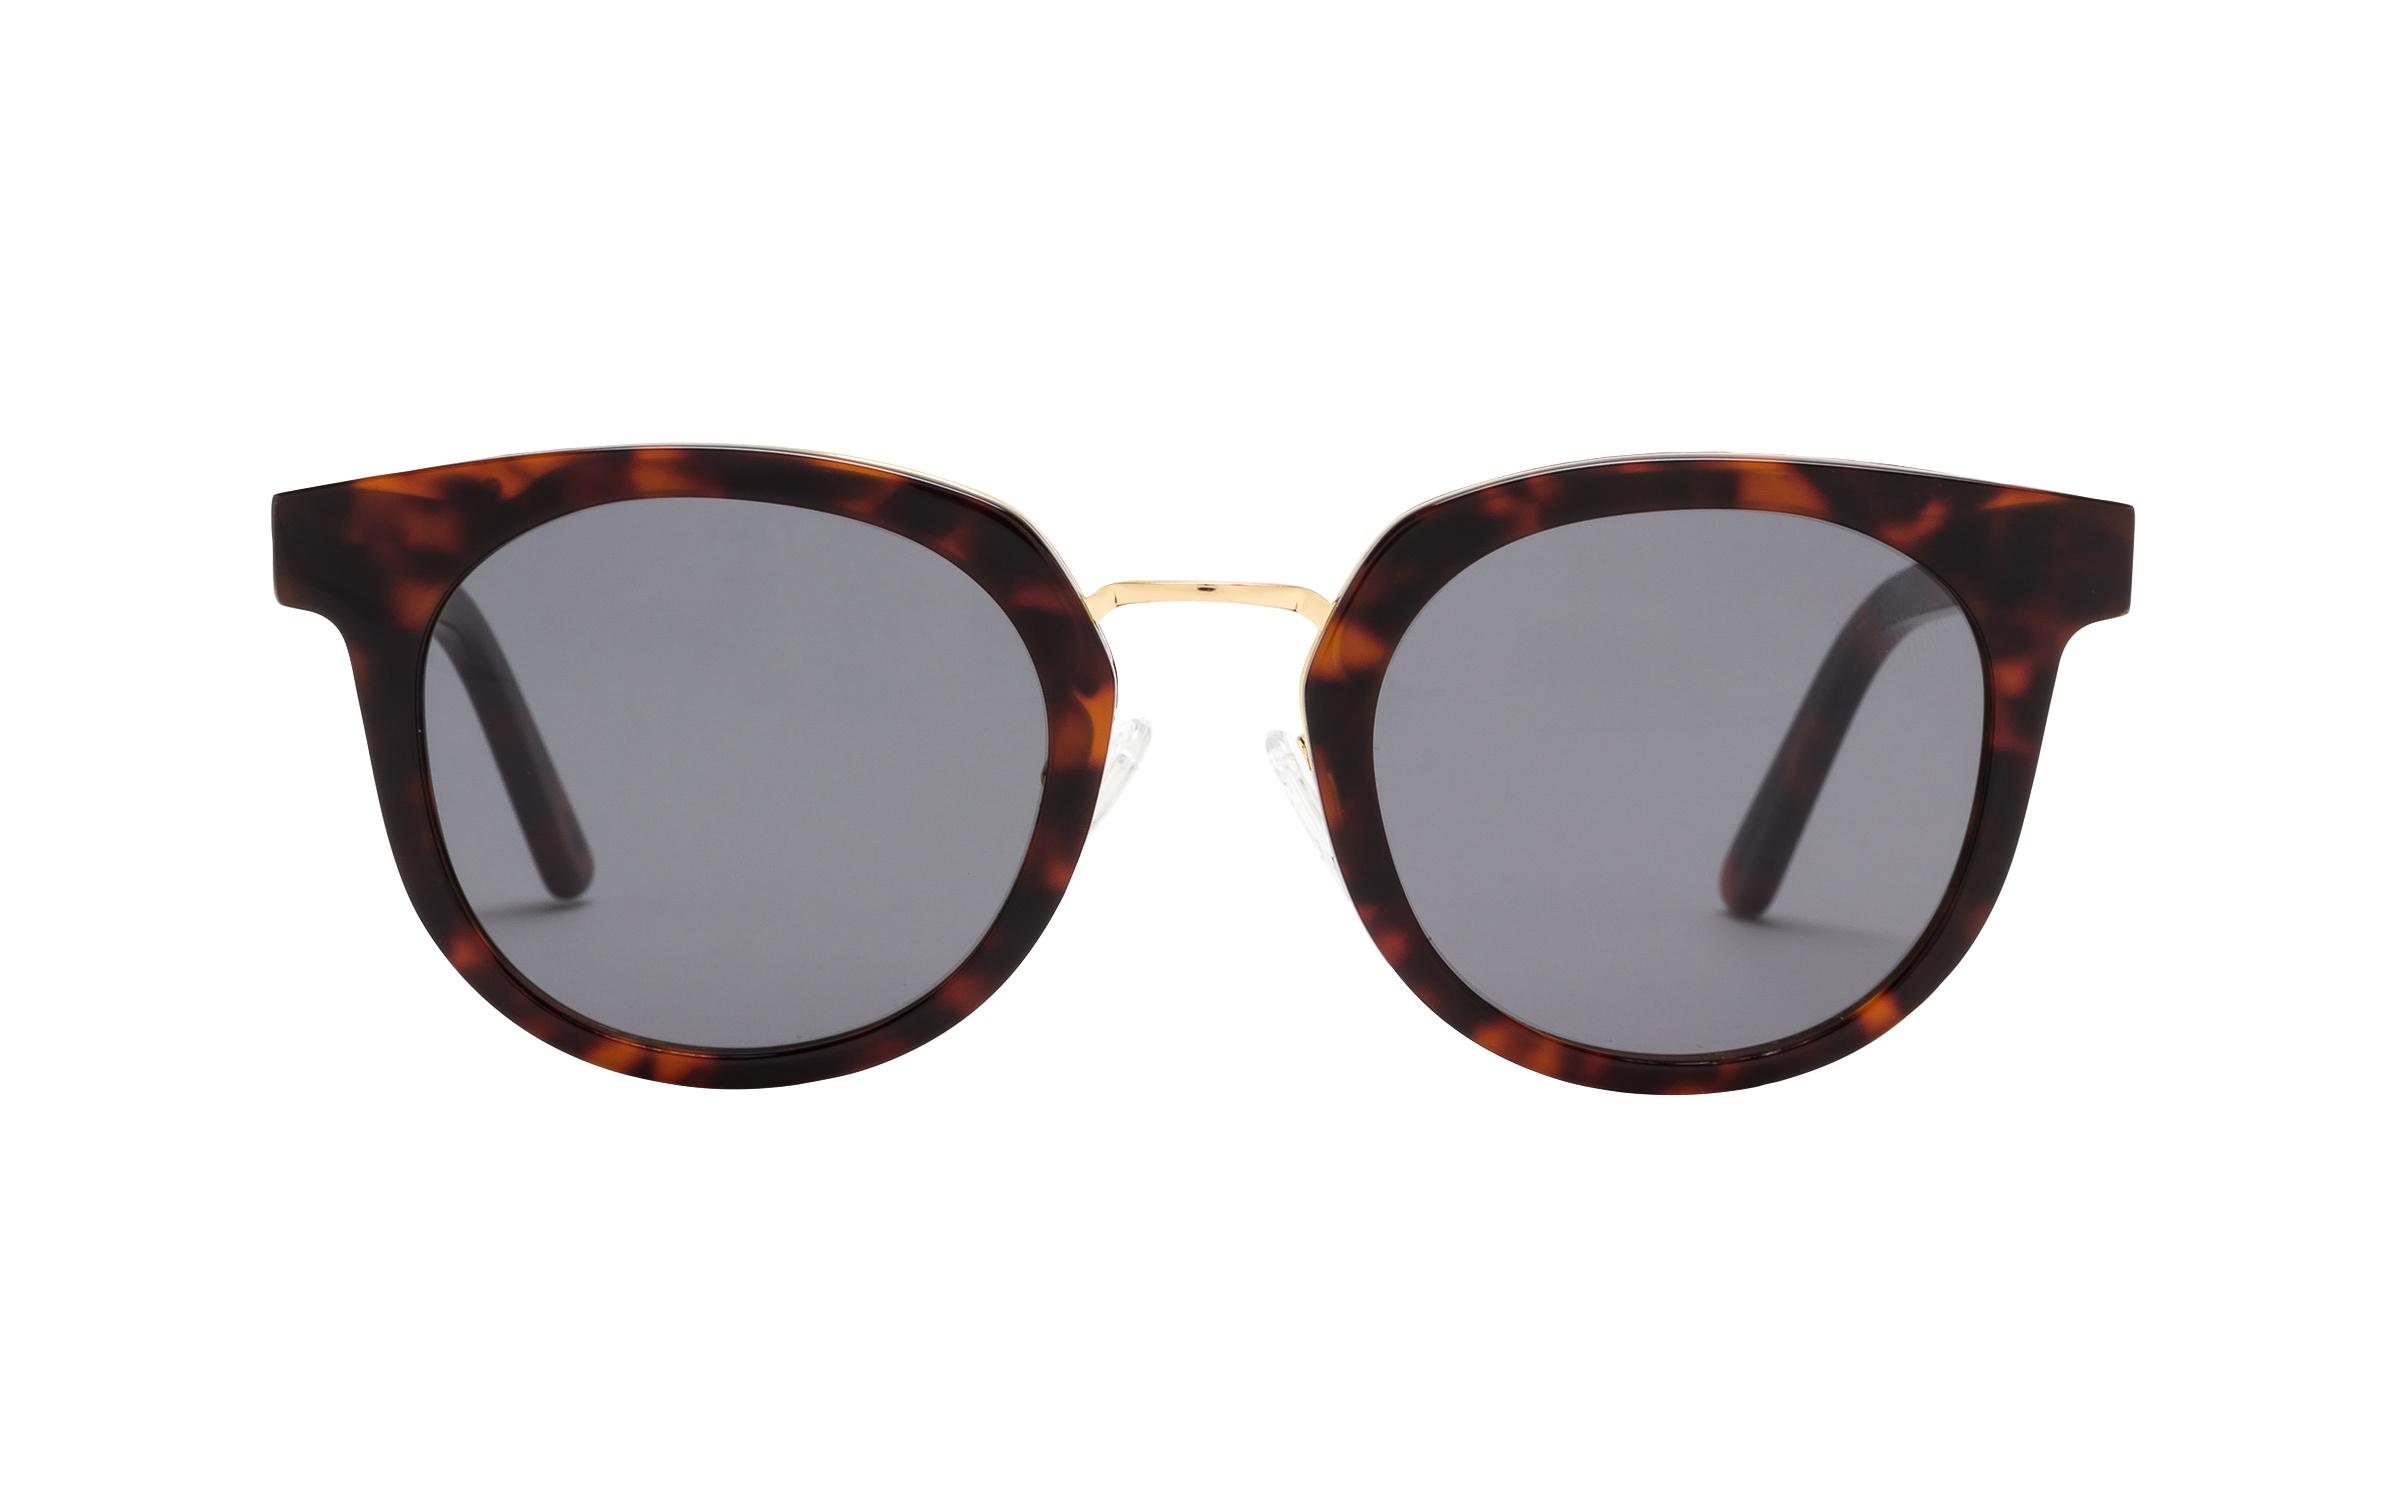 Cat-Eye Sunglasses Tortoise Kam Dhillon Online Coastal